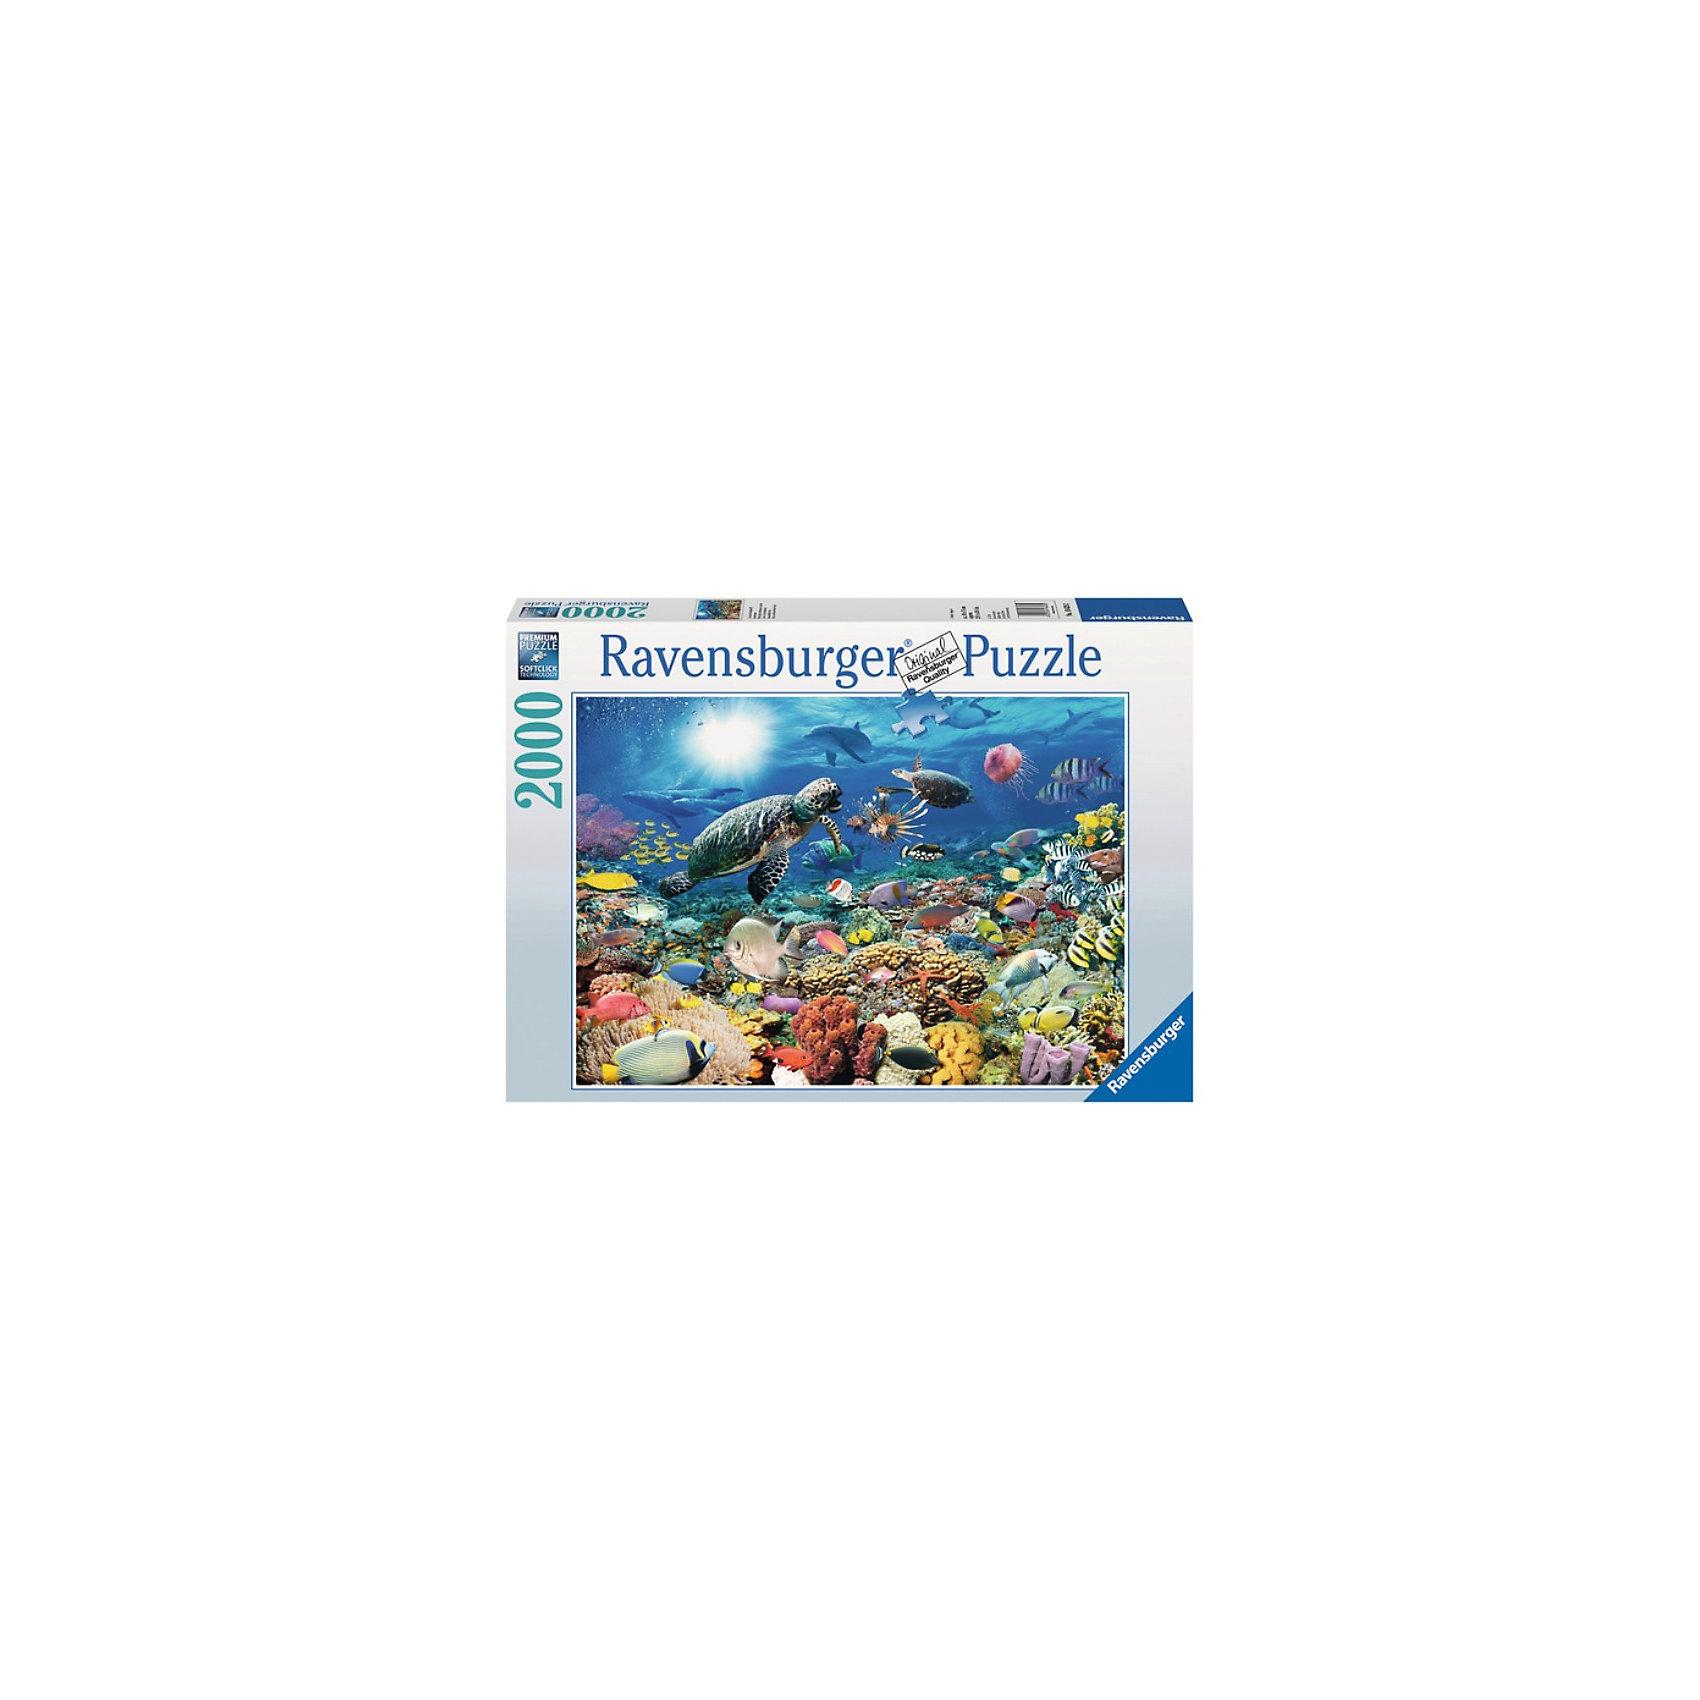 Пазл «Подводный мир» 2000 деталей, RavensburgerКлассические пазлы<br>Большой красивый Пазл «Подводный мир» 2000 деталей, Ravensburger (Равенсбургер) богат самыми насыщенными цветами и позволит окунуться в прекрасный мир морских глубин.  Исходное изображение содержит множество разноцветных элементов с изображением подводных обитателей морей (черепах, рыб, кораллов, медуз, водорослей). Великолепная игра для семейного досуга, захватывающая и взрослых и детей!<br><br>Характеристики:<br>-Элементы идеально соединяются друг с другом, не отслаиваются с течением времени<br>-Высочайшее качество картона и полиграфии <br>-Матовая поверхность исключает отблески<br>-Развивает: память, мышление, внимательность, усидчивость, мелкая моторика<br>-Каждая деталь пазла отличается по форме, что упростит сборку <br>-Полезное и занимательное времяпрепровождение для всей семьи<br>-Для сохранения в собранном виде можно использовать скотч или специальный клей для пазлов (в комплект не входит)<br><br>Дополнительная информация:<br>-Материал: плотный картон, бумага<br>-Размер готовой картинки: 98х75 см<br>-Размер упаковки: 43х30х5 см<br>-Вес упаковки: 1,5 кг<br><br>Чтобы собрать картину «Подводный мир», понадобится несколько вечеров, но увлекательное занятие без сомнений понравится как детям, так и взрослым ценителям этого хобби!<br><br>Пазл «Подводный мир» 2000 деталей, Ravensburger (Равенсбургер) можно купить в нашем магазине.<br><br>Ширина мм: 433<br>Глубина мм: 301<br>Высота мм: 55<br>Вес г: 1481<br>Возраст от месяцев: 144<br>Возраст до месяцев: 228<br>Пол: Унисекс<br>Возраст: Детский<br>Количество деталей: 2000<br>SKU: 3412958